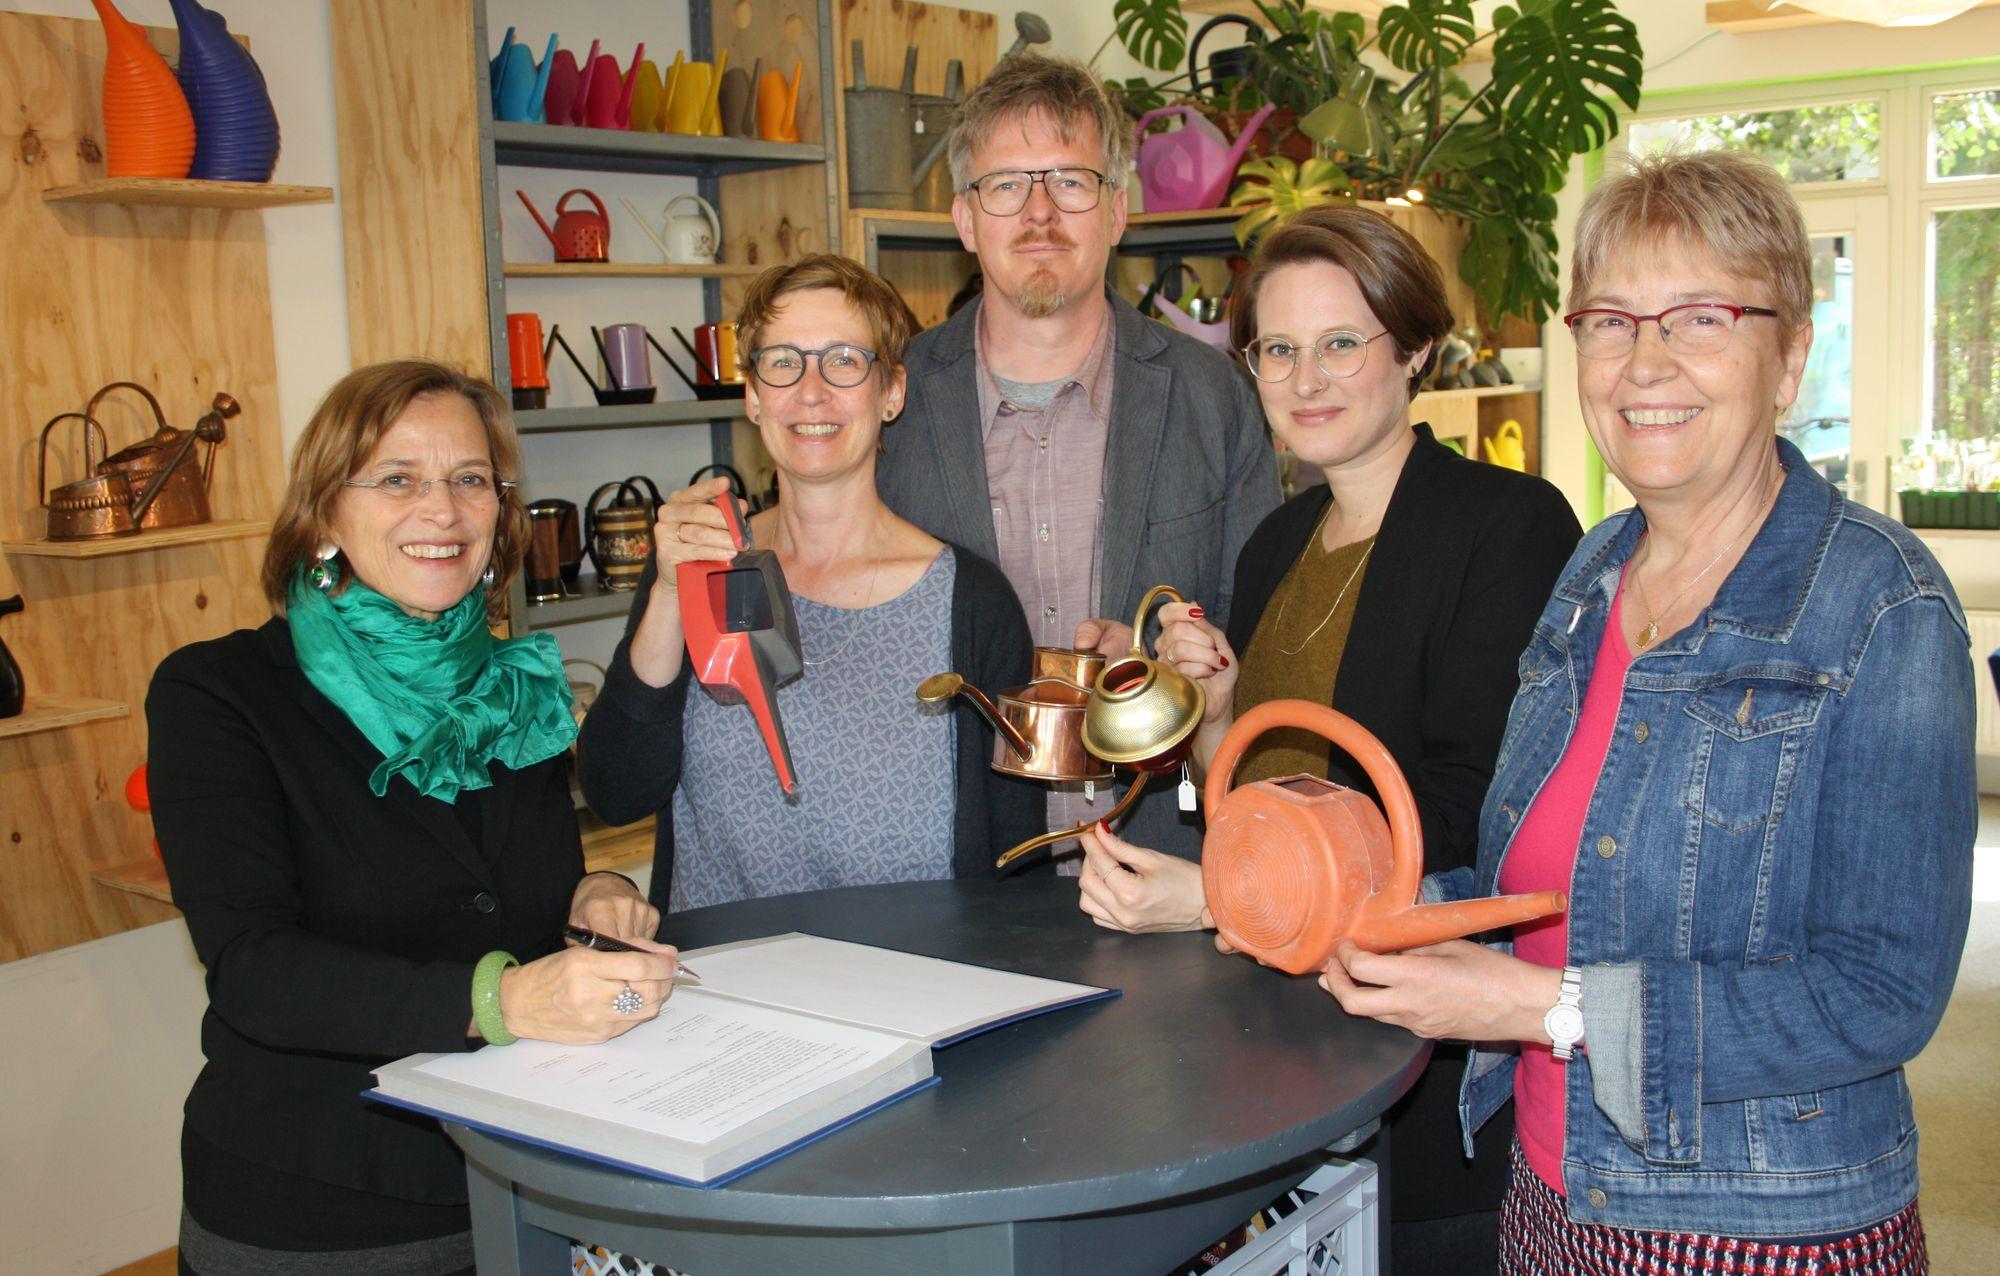 OB Grabe-Bolz unterzeichnet einen Vertrag im Gießkannenmuseum - Gruppenbild